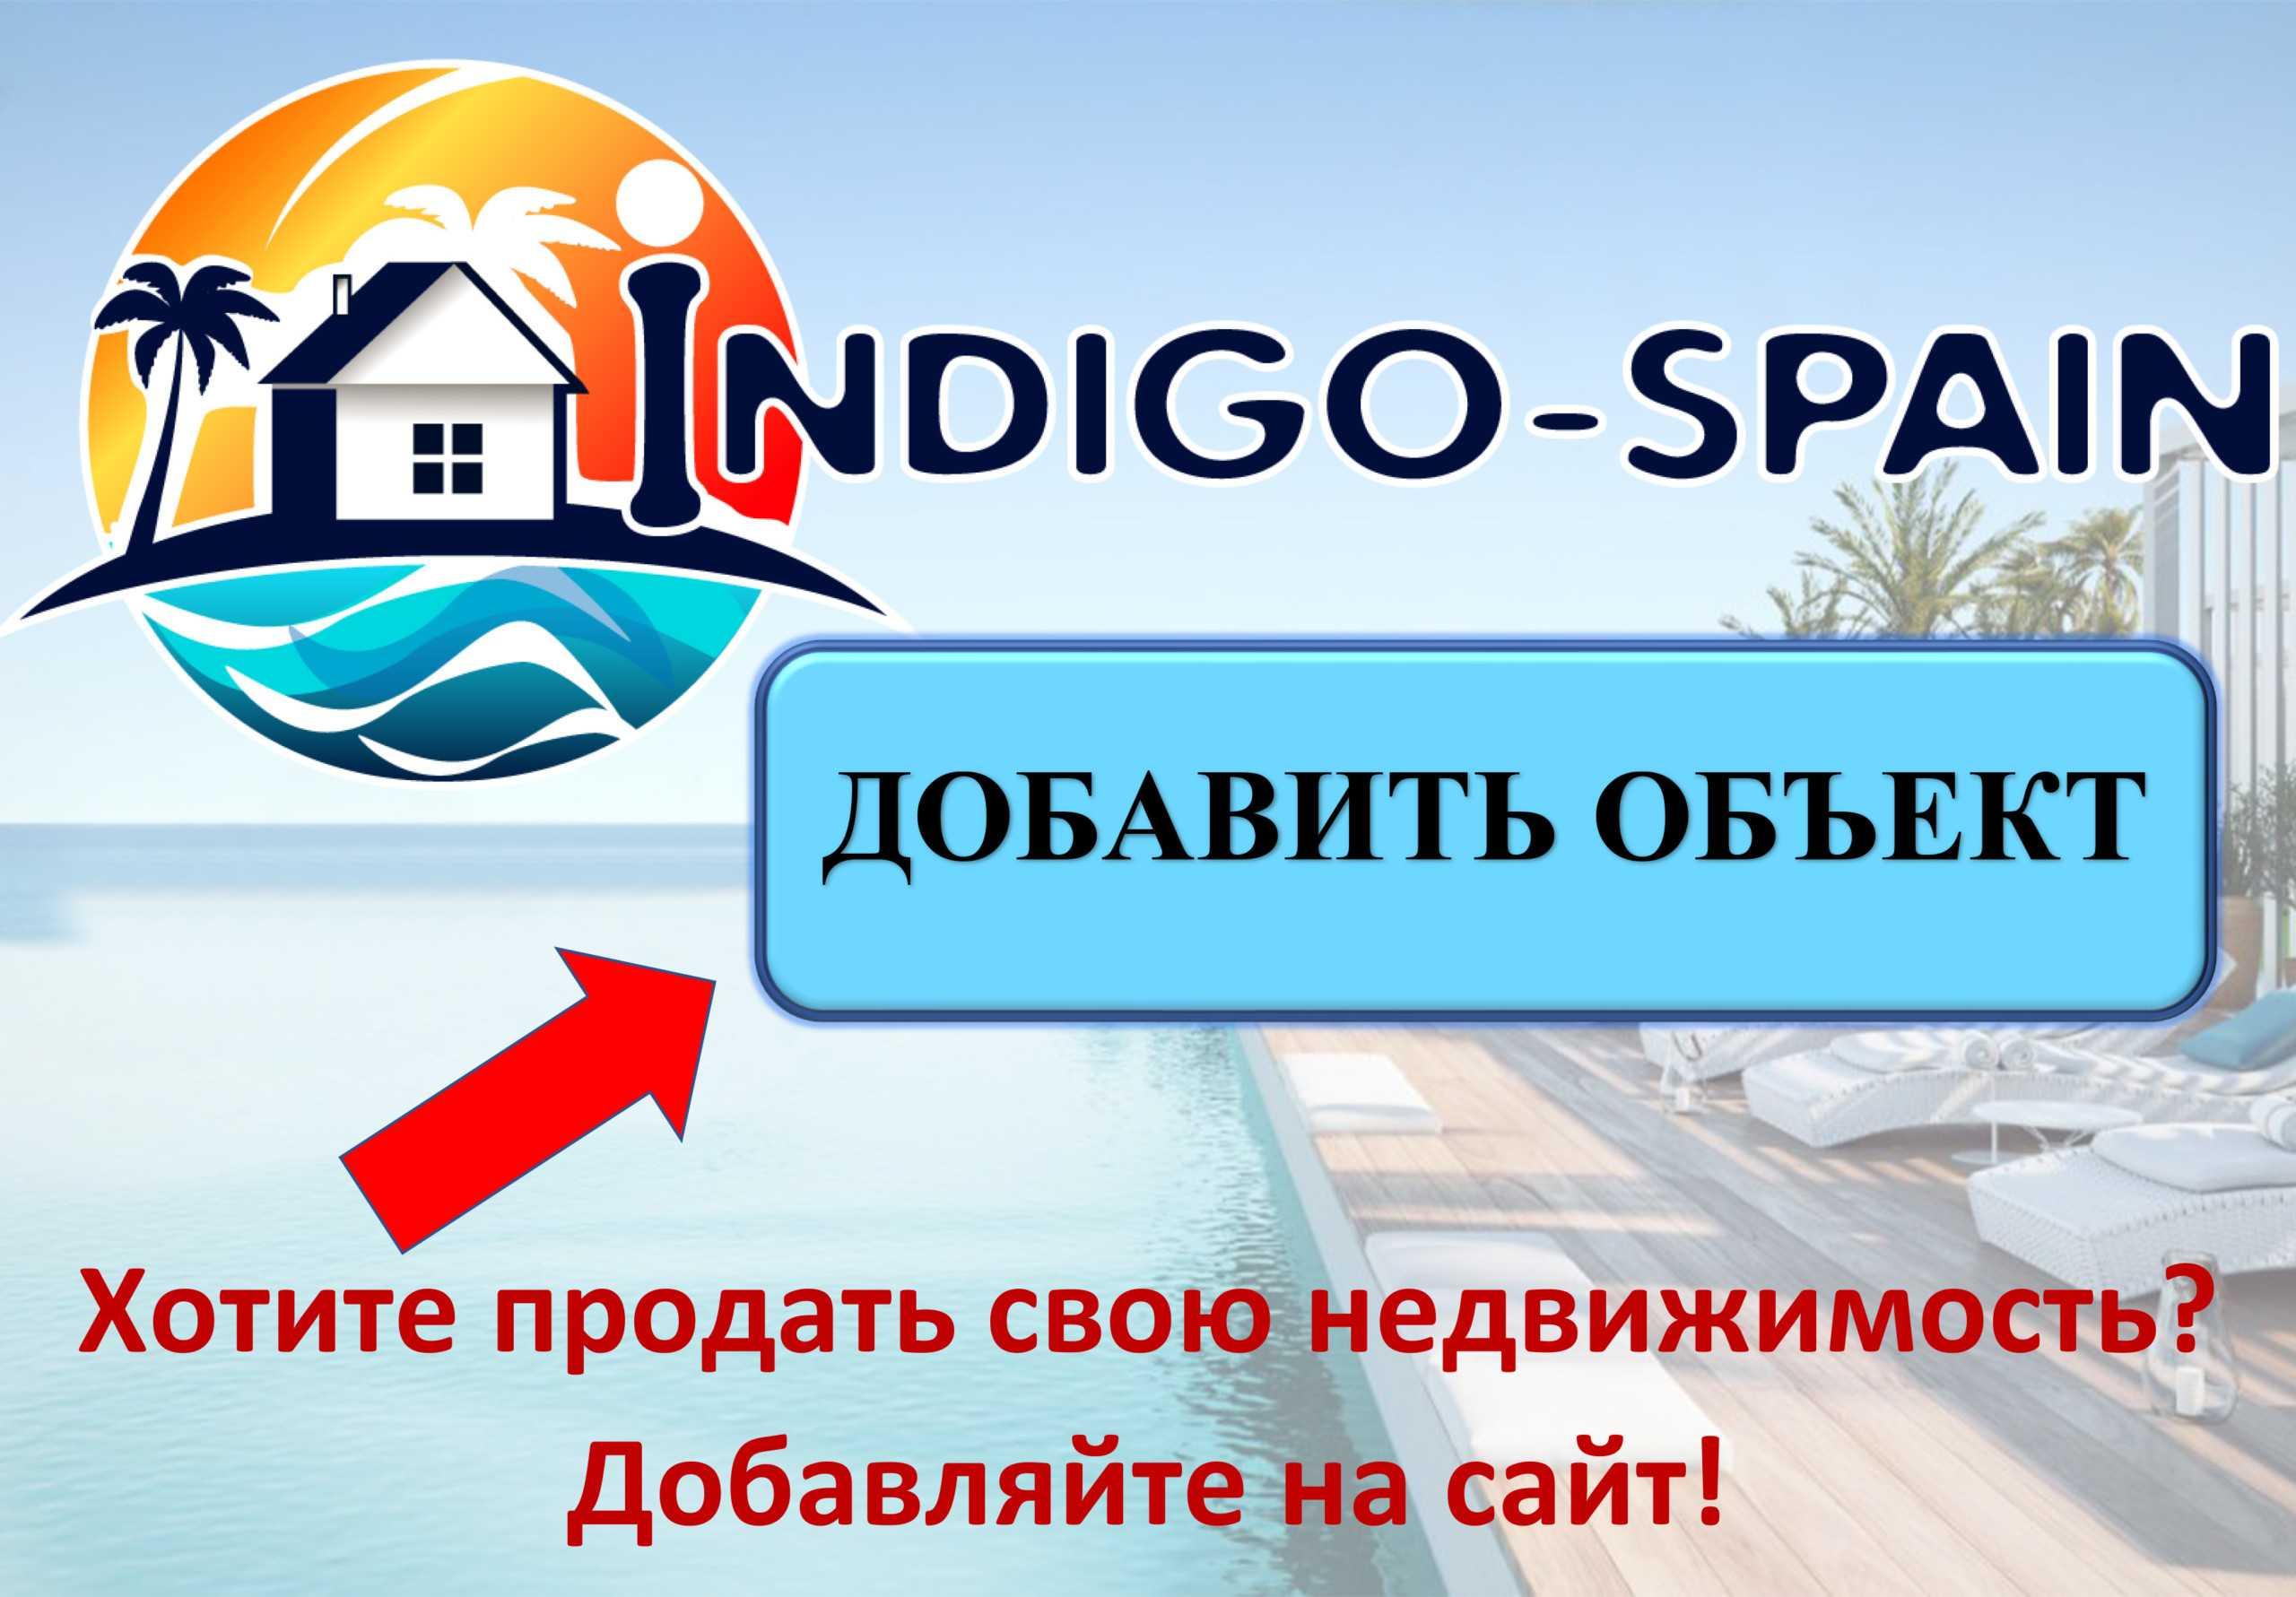 Хотите продать свою недвижимость? Добавляйте на сайт!